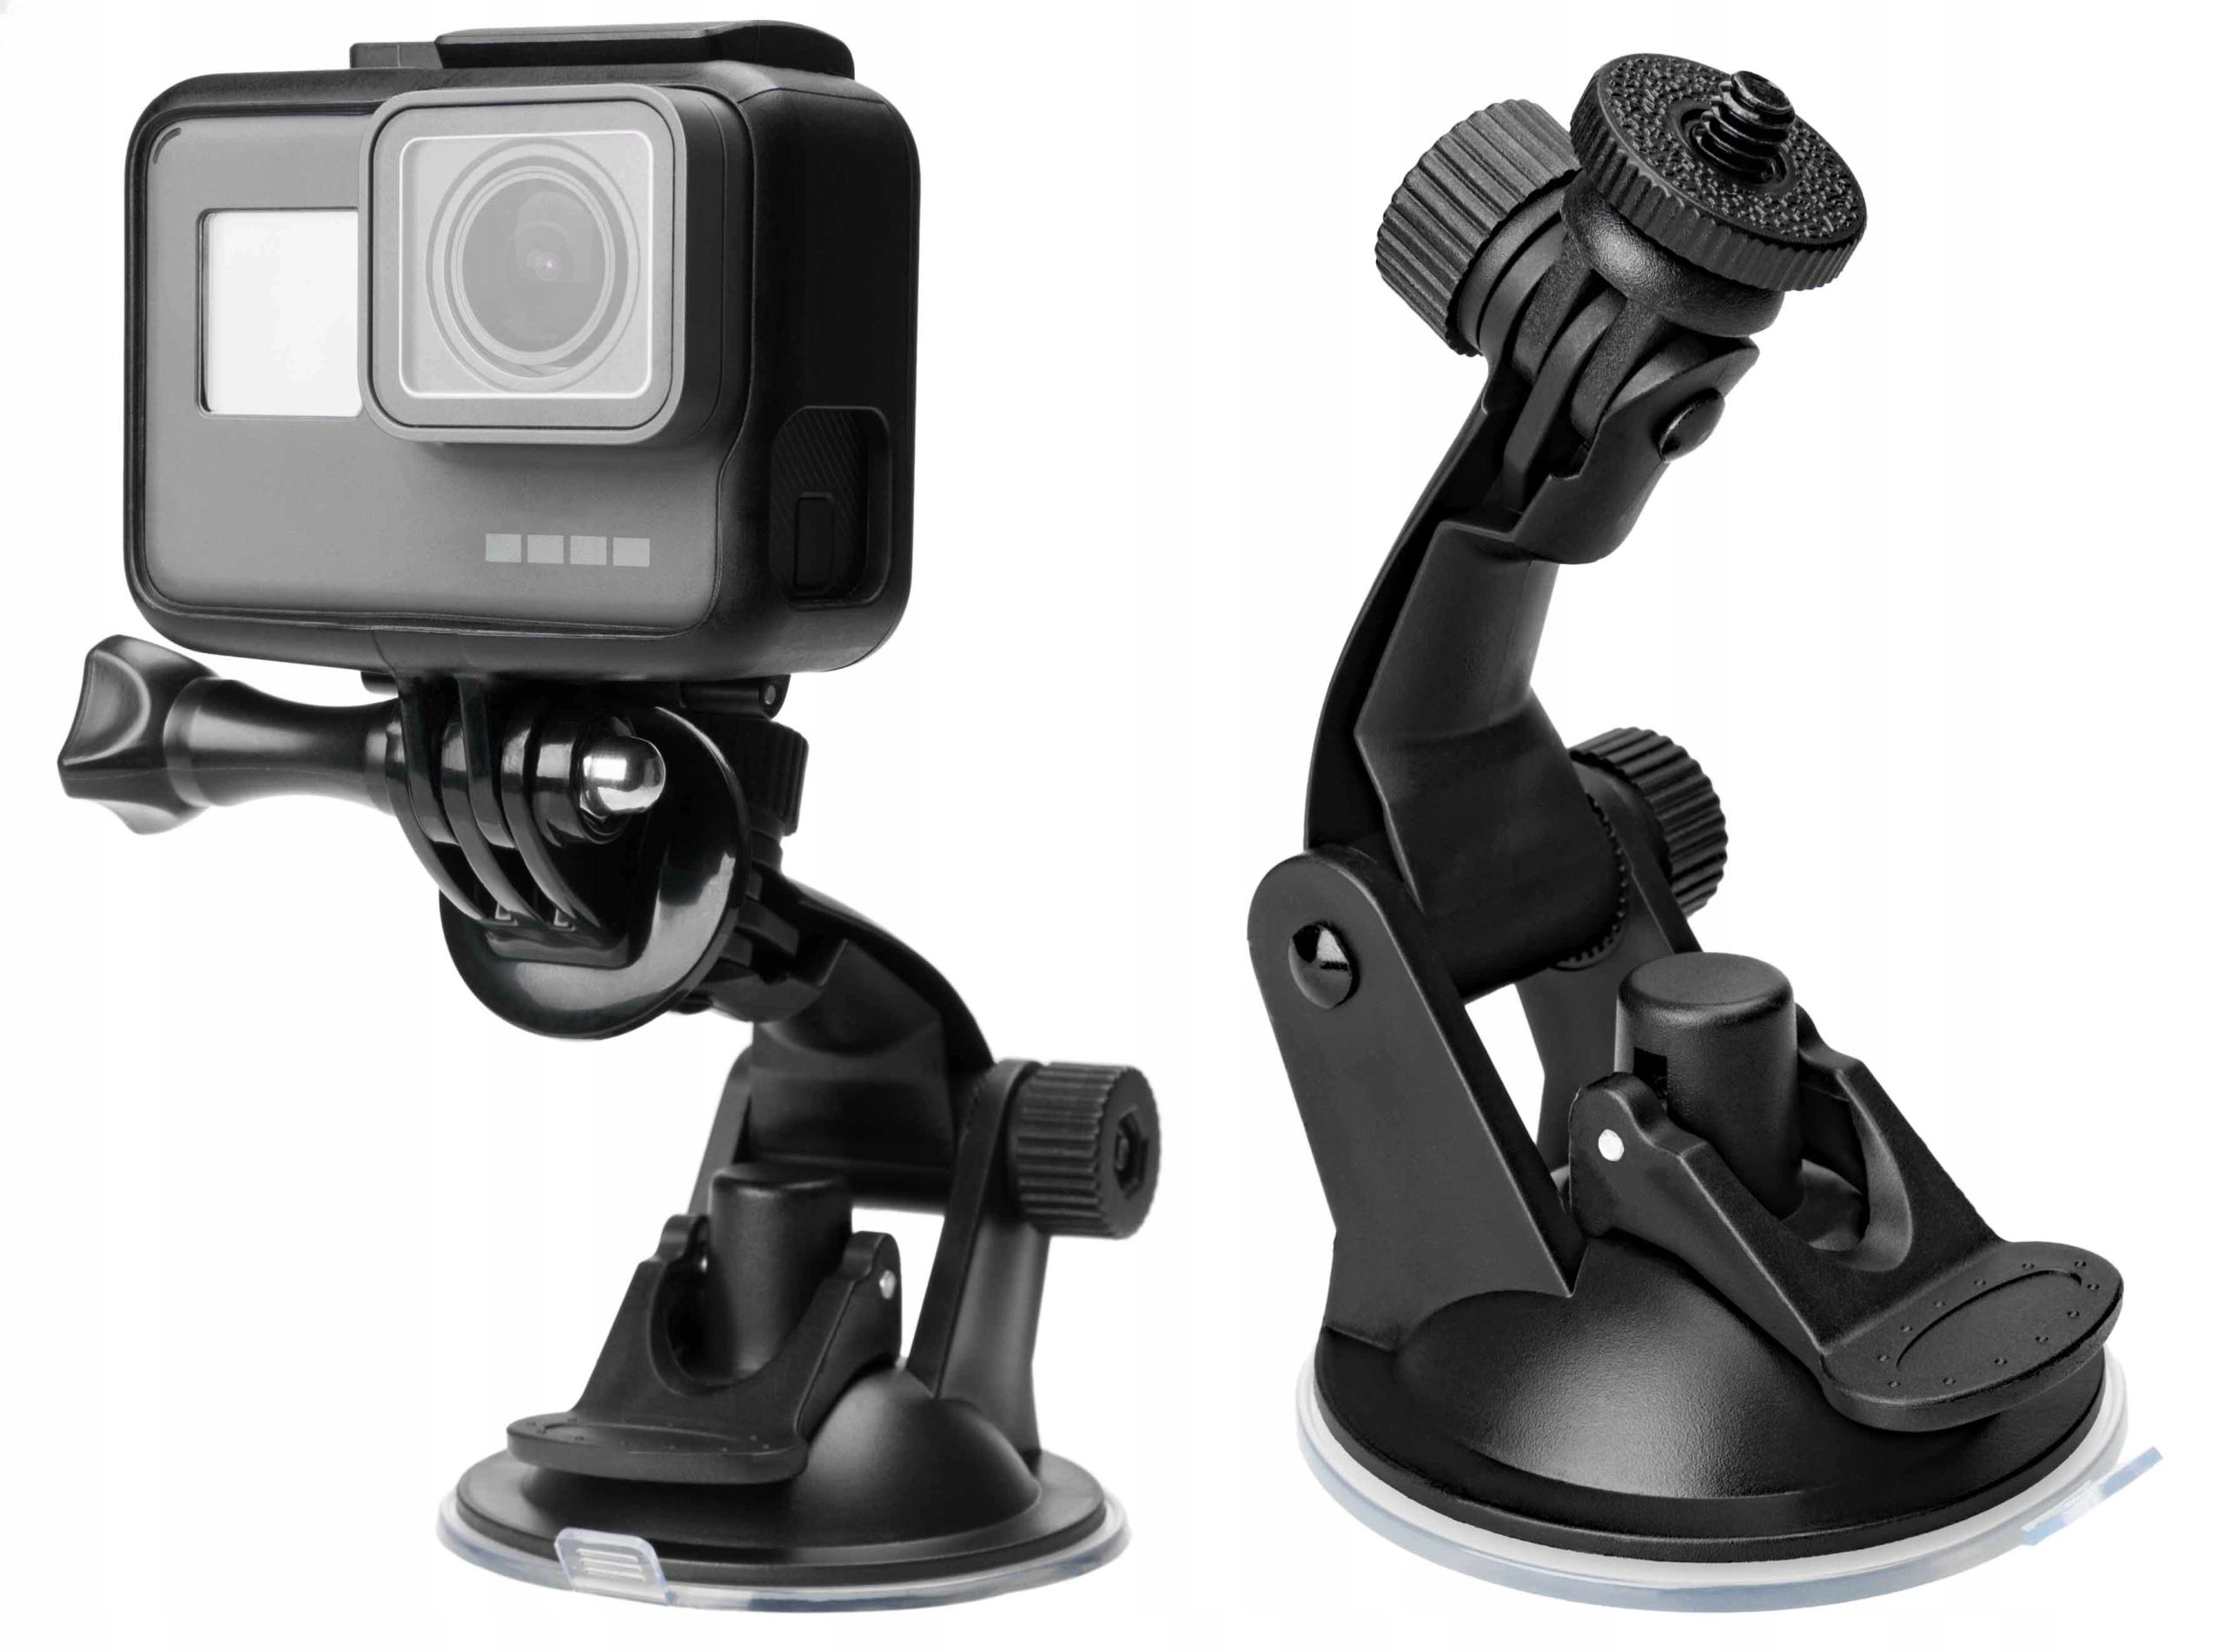 Przyssawka uchwyt statyw do kamer GoPro Hero 4 3 +